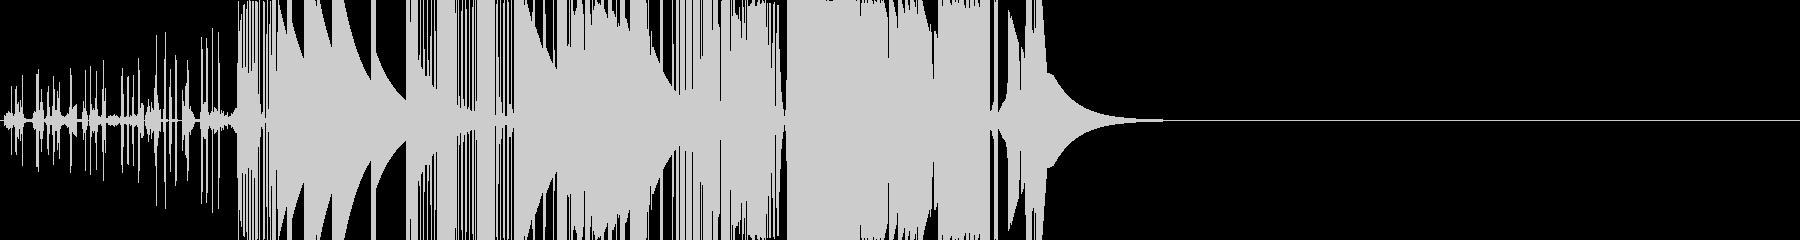 ブーストクラッカーバージョン1の未再生の波形